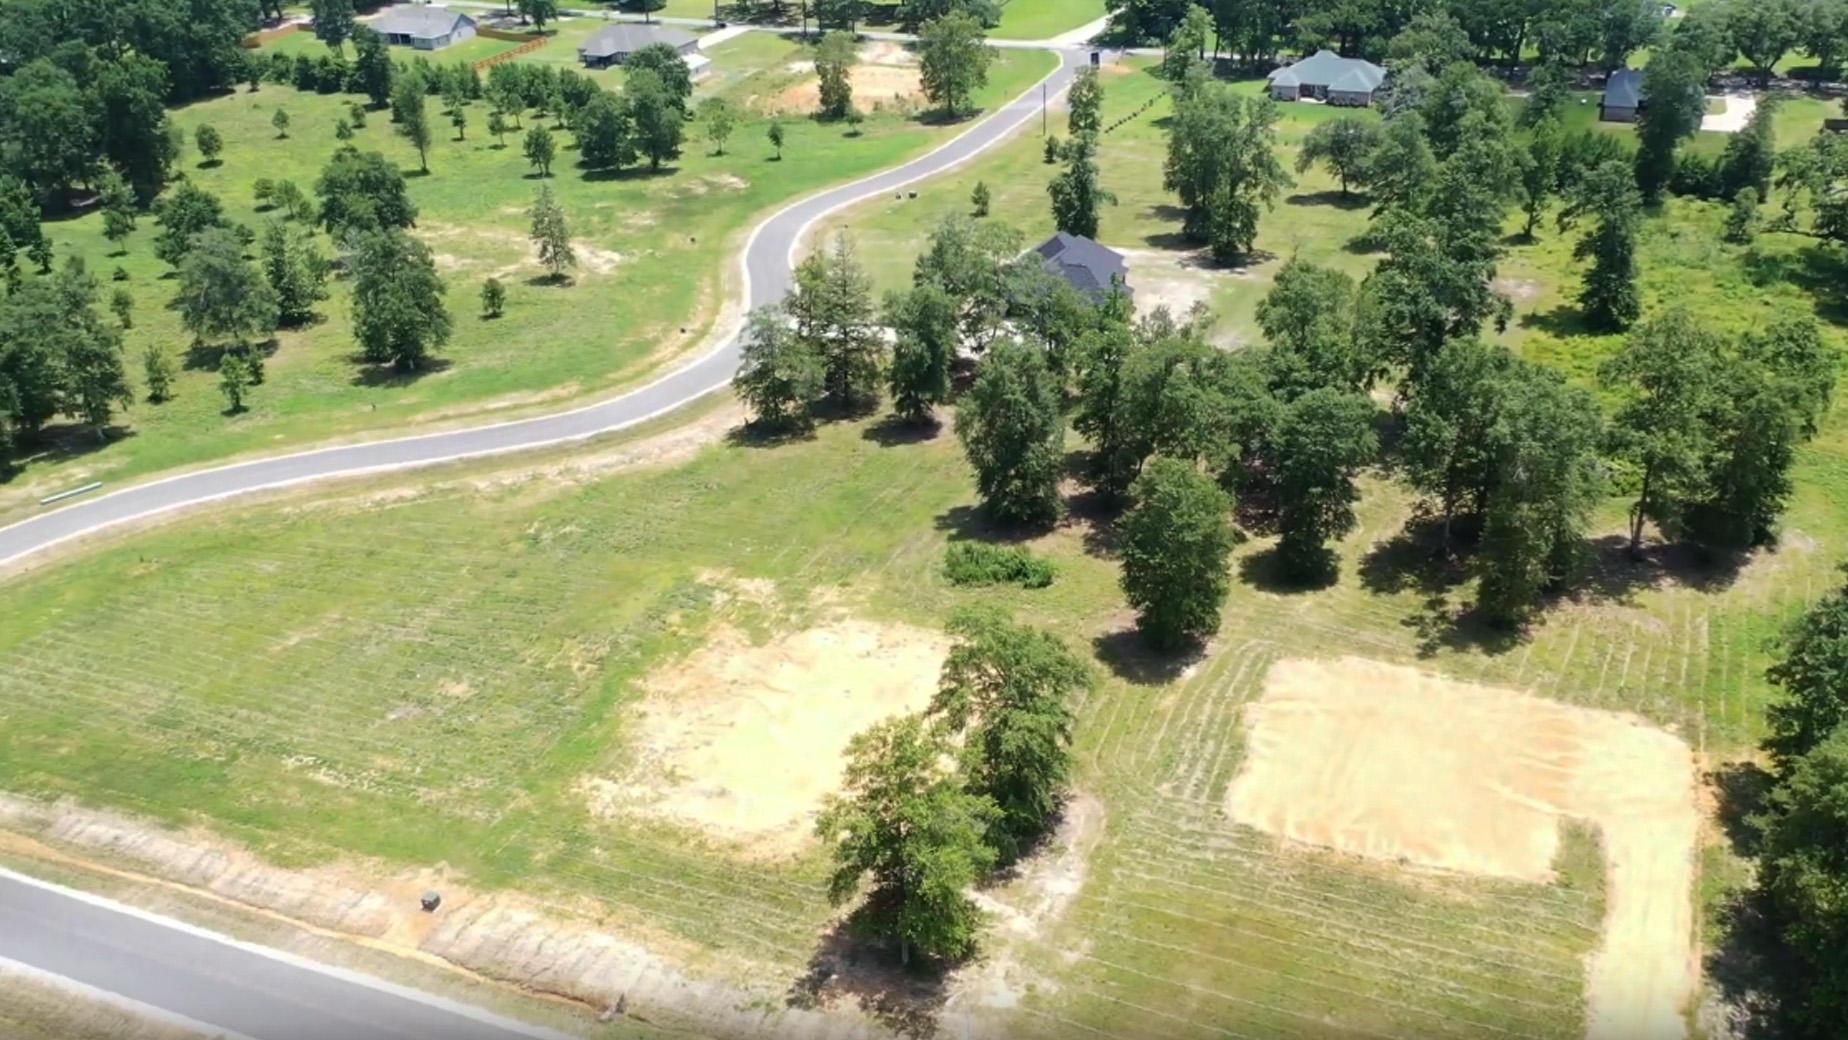 DeRidder land for sale,  LOT 15, RIVER OAKS S/D, DeRidder LA - $31,900